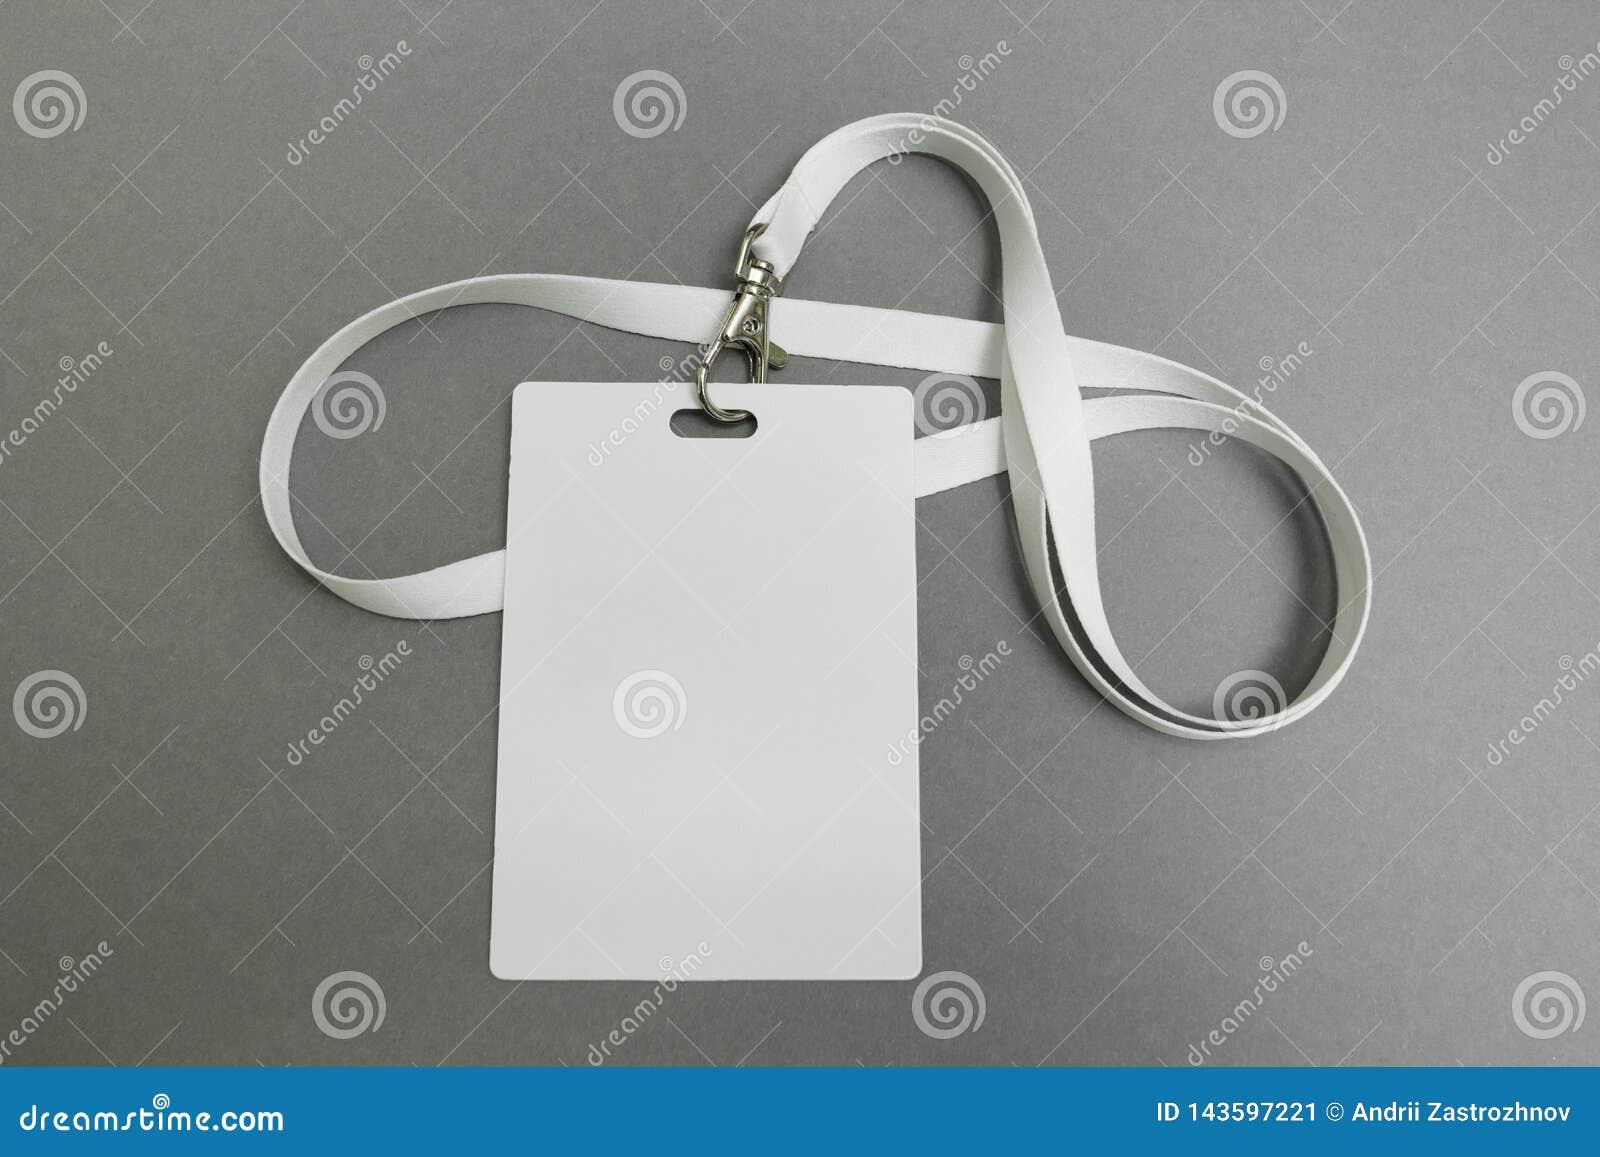 Biznesmen imię karta na falrepie Tożsamościowa etykietka odizolowywająca na szarym tle pustej karty id